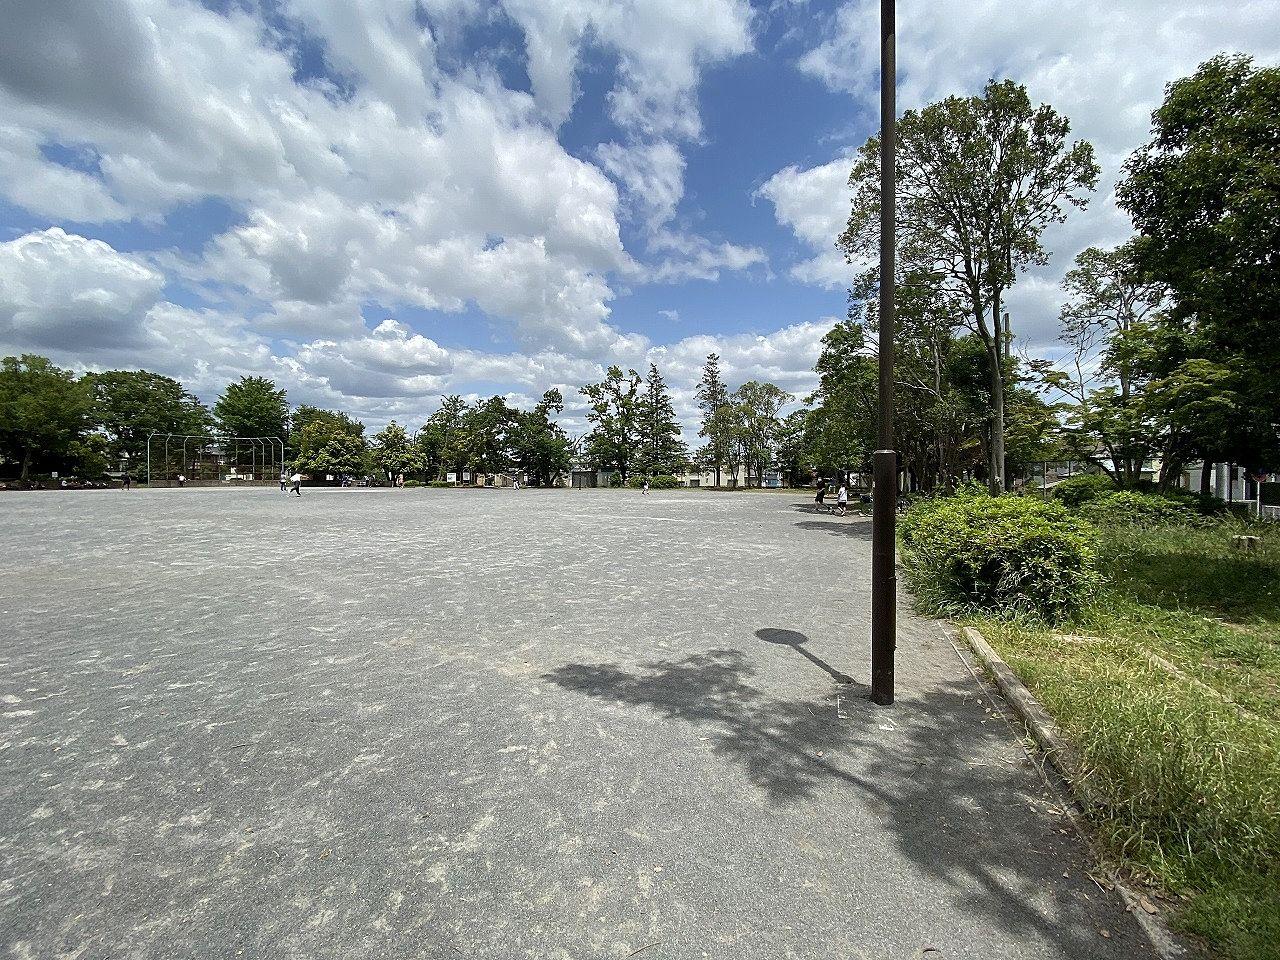 横浜市青葉区のあざみ野西公園の様子です。コロナ減少傾向なので、子供たちがグランドで活発に遊んでました。